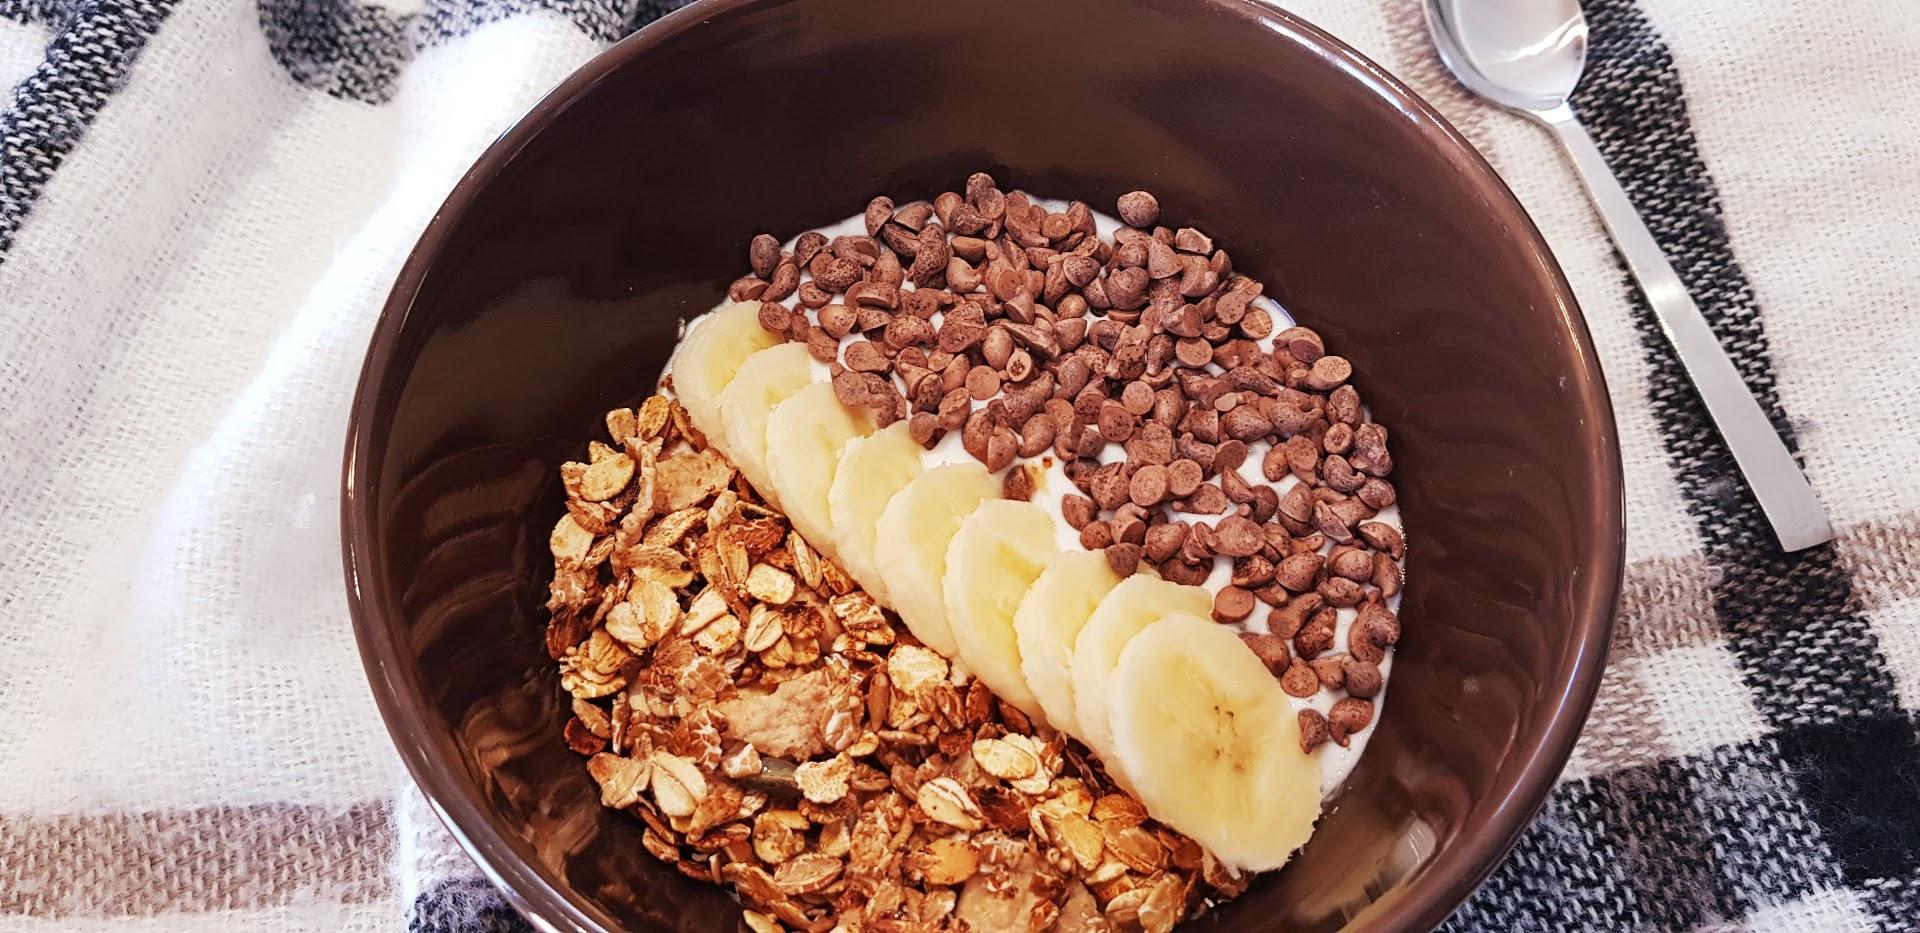 Yaourt nature, muesli, banane, et pépites de chocolat